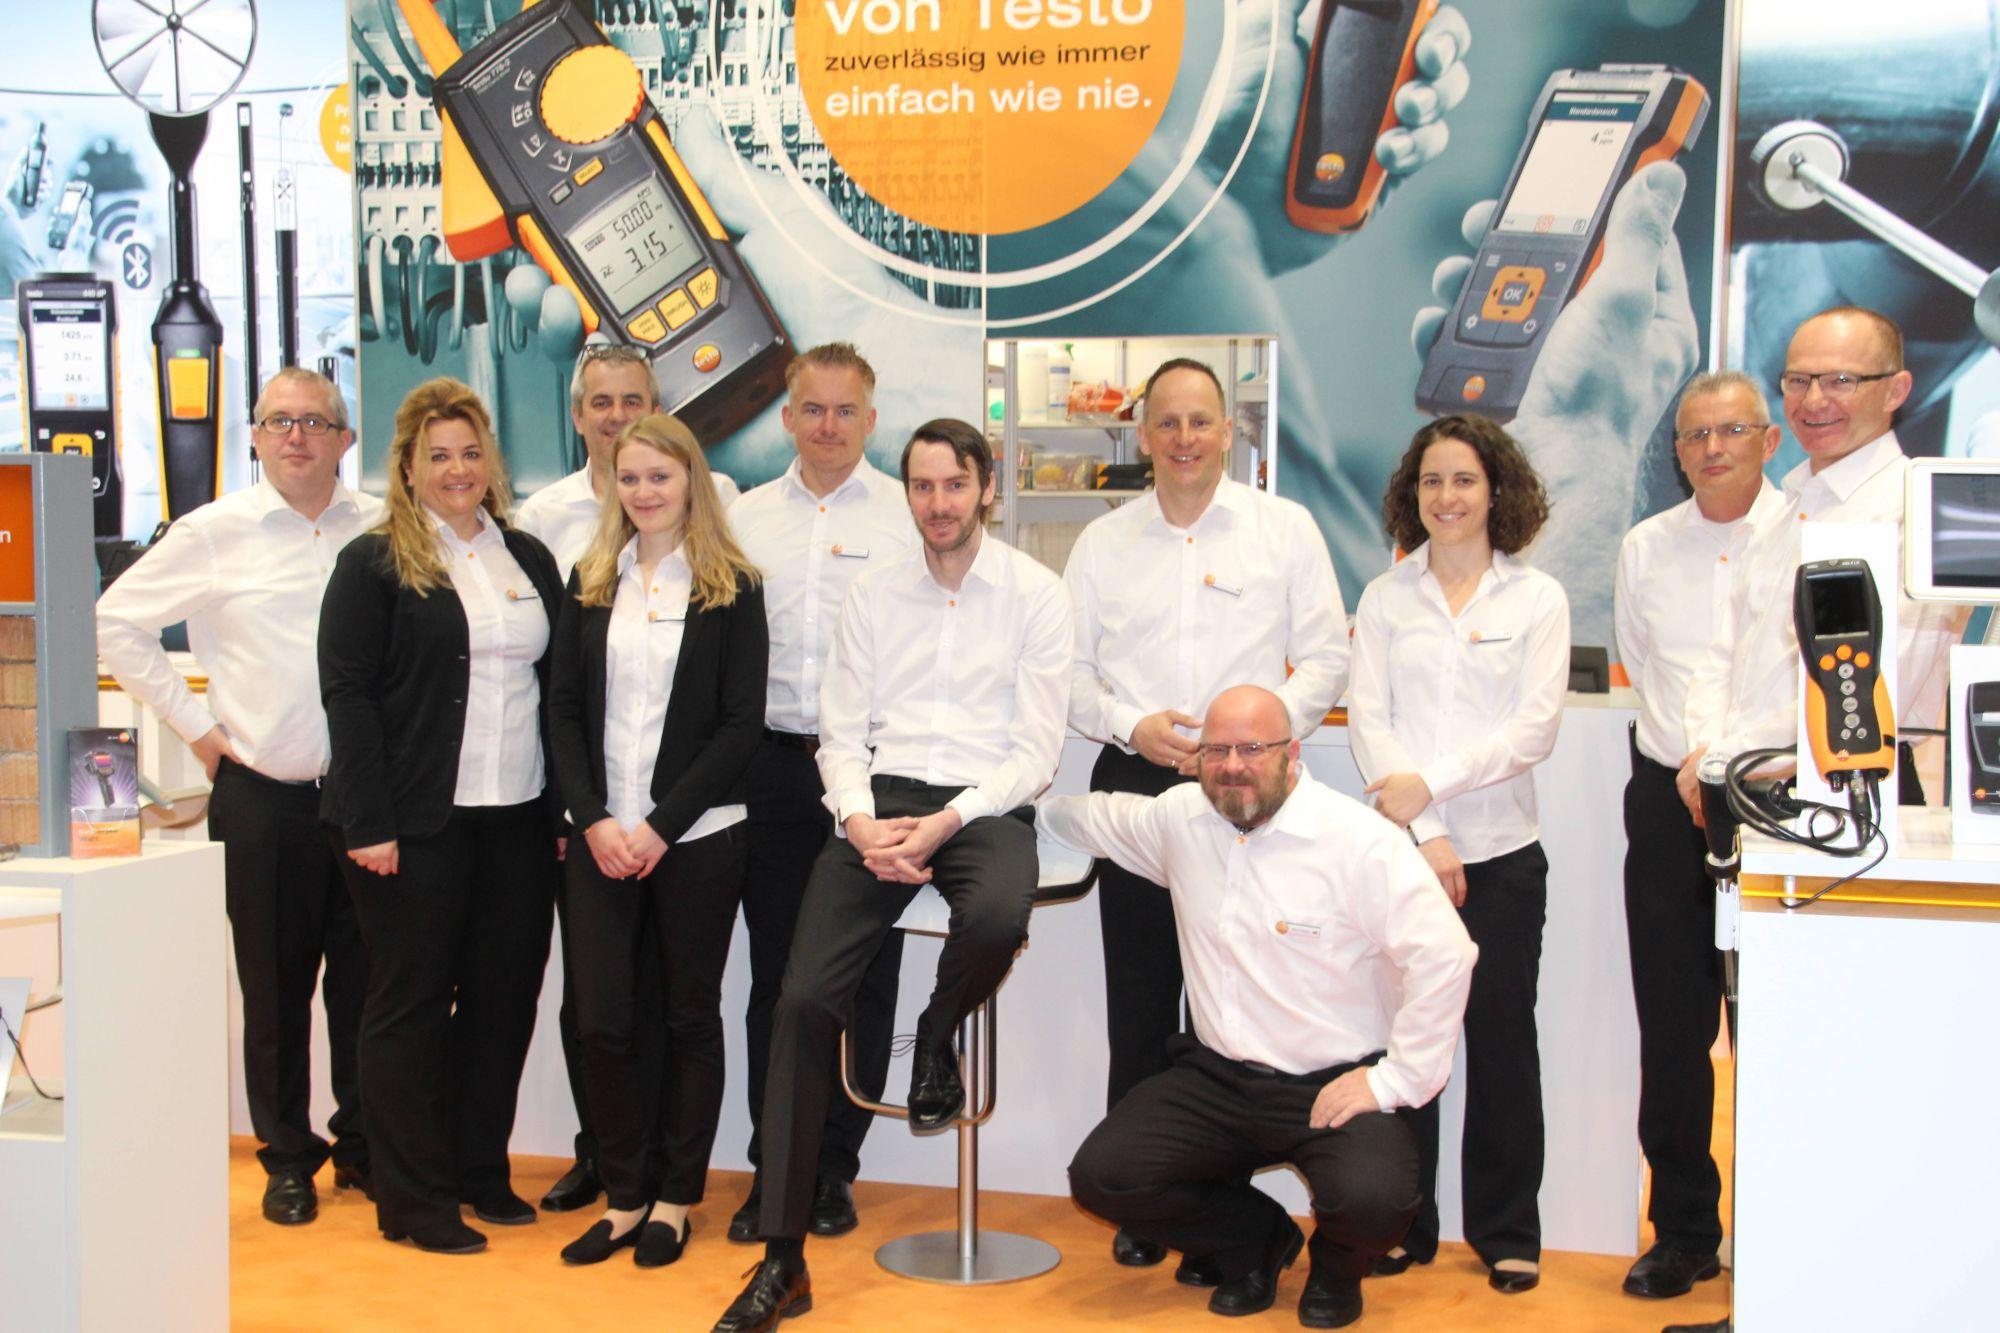 messe-ifh-nuernberg-2018-scd-team.JPG